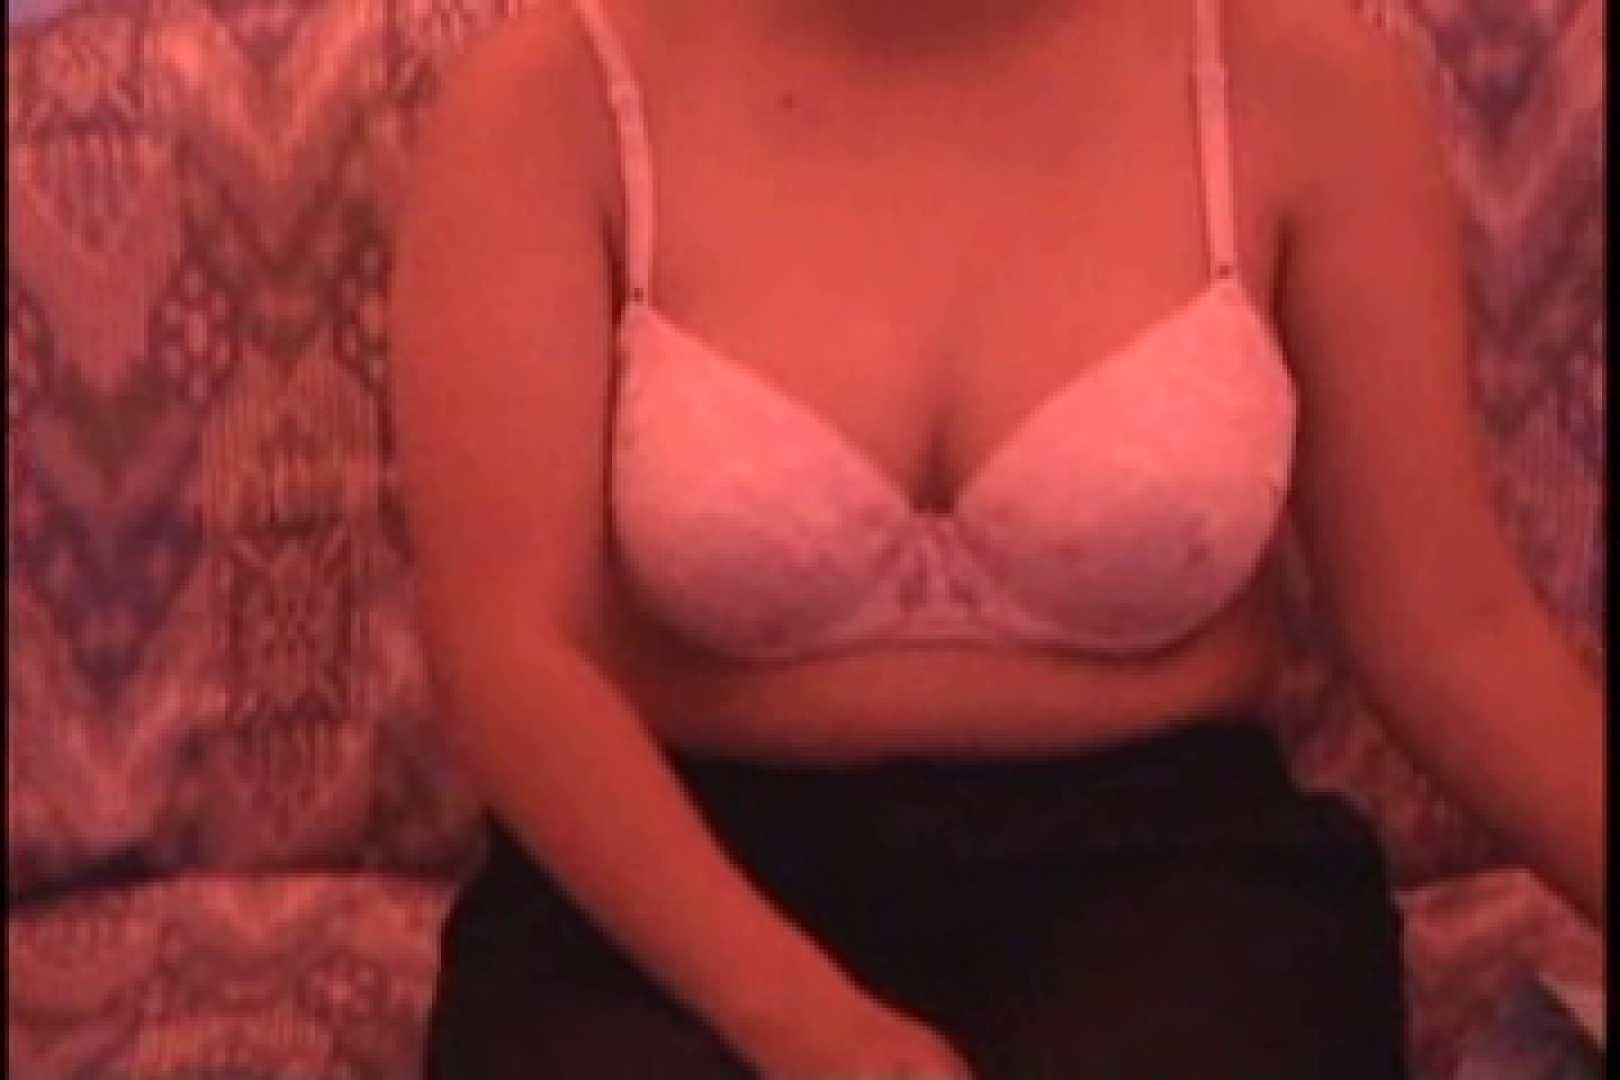 長野援助 かおりちゃん18歳 モロだしオマンコ AV動画キャプチャ 73pic 11